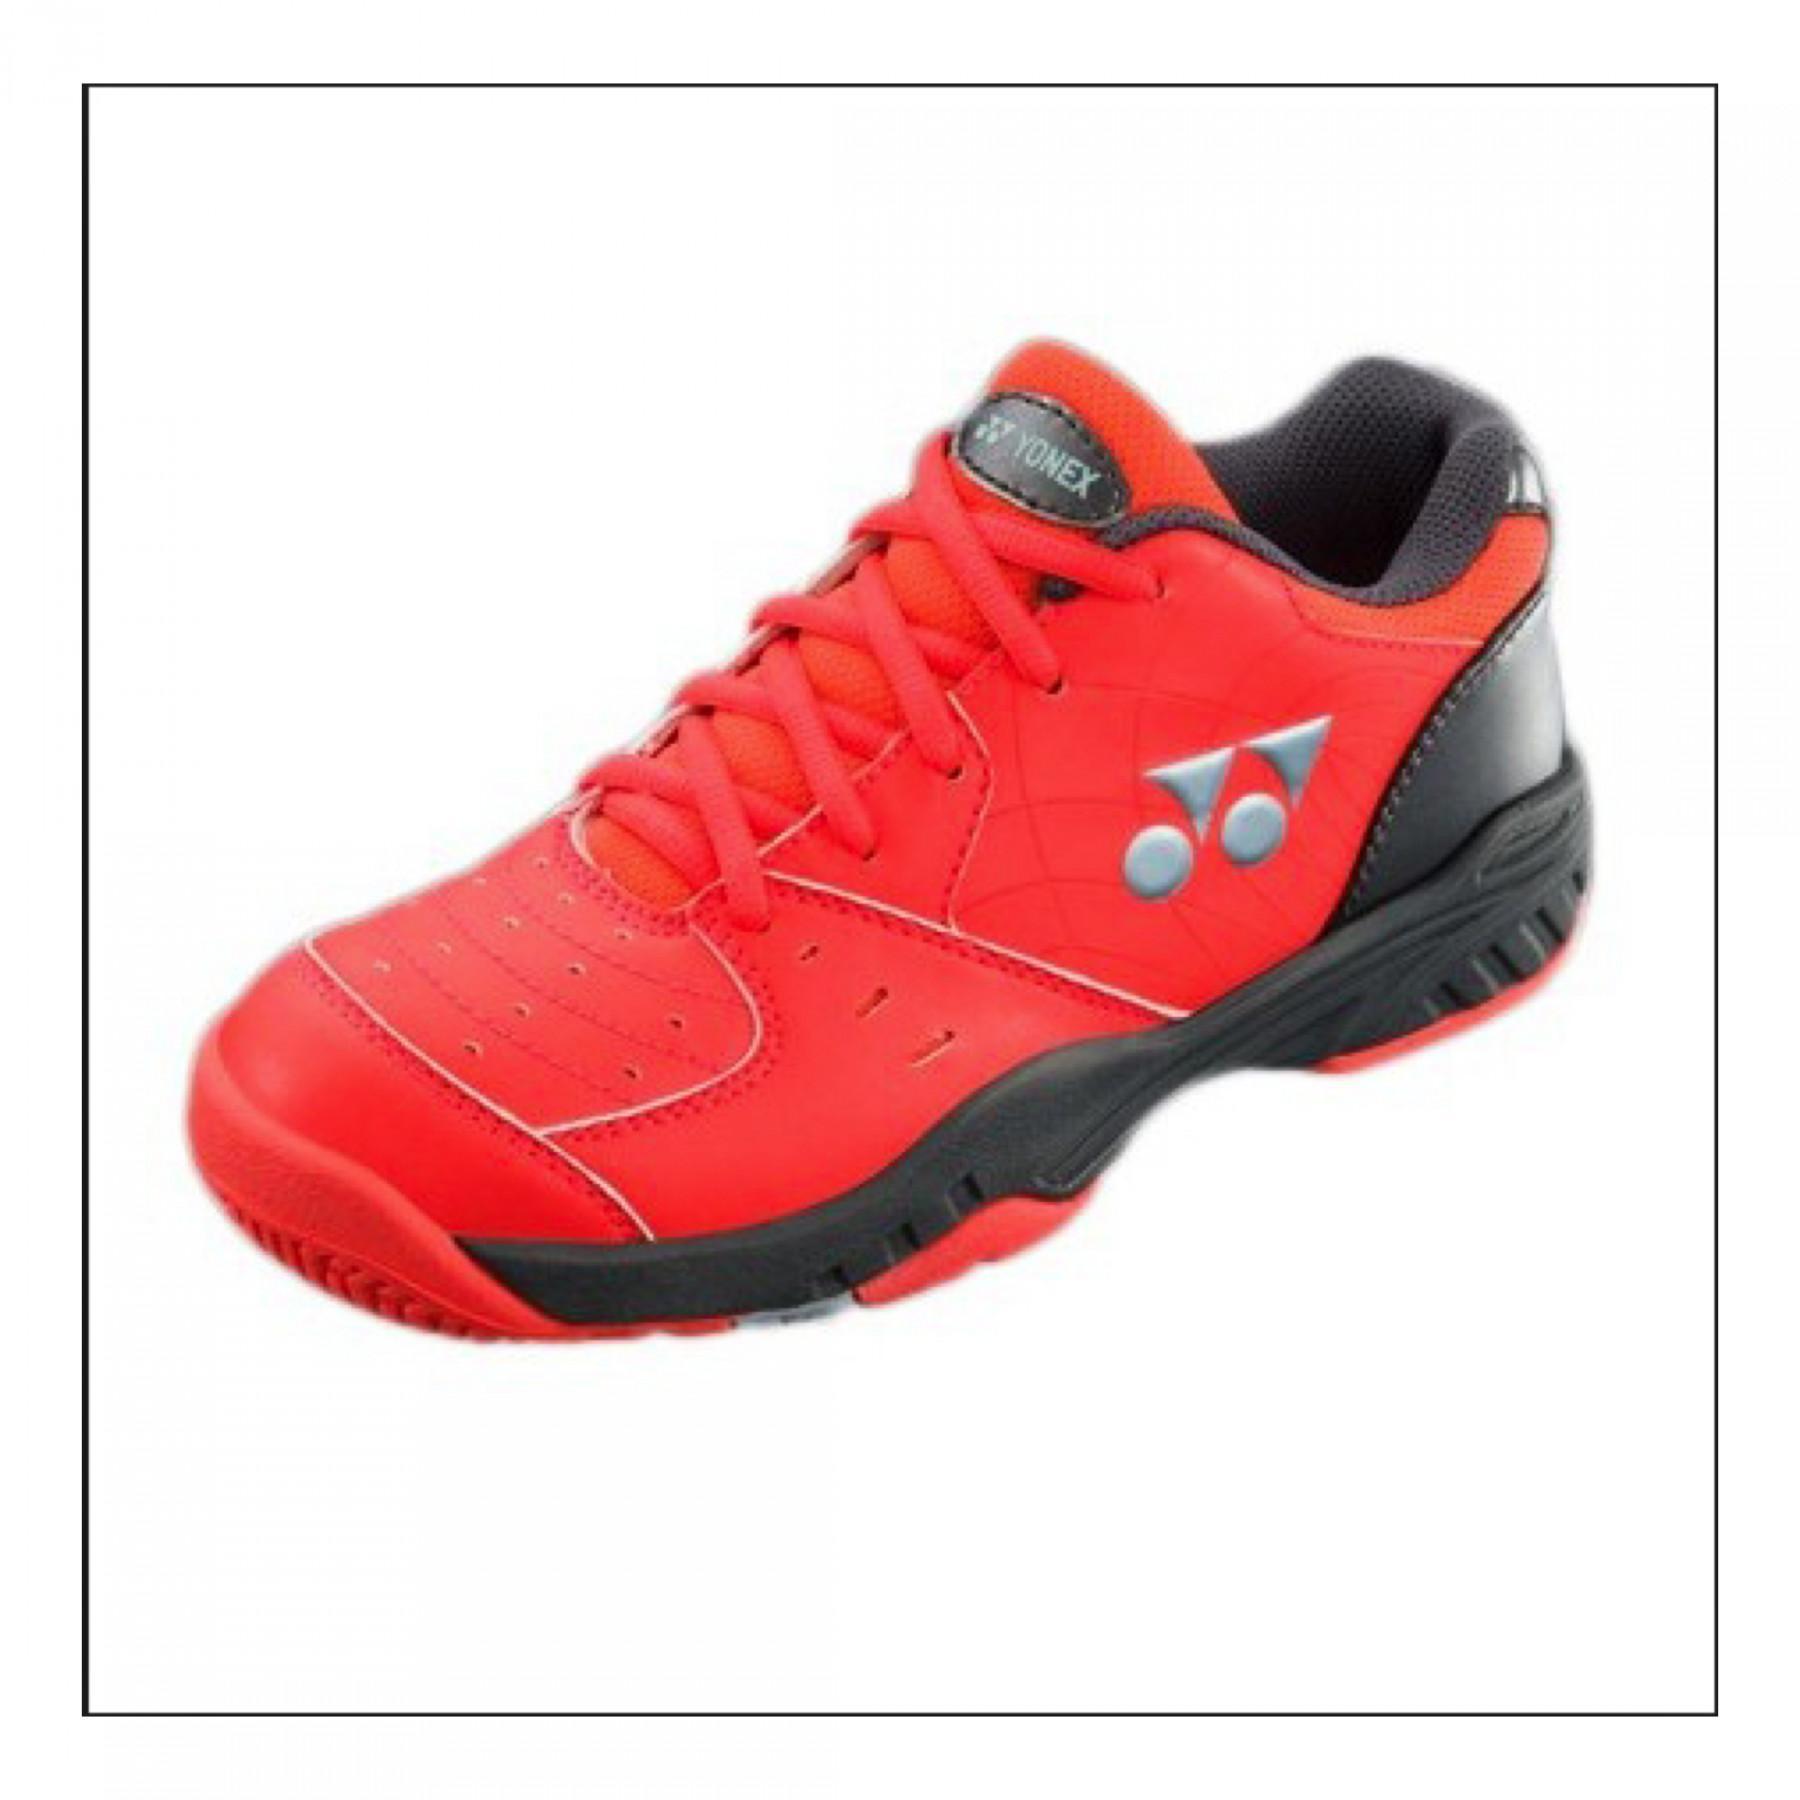 Children's shoes Yonex Power Cushion Eclipsion